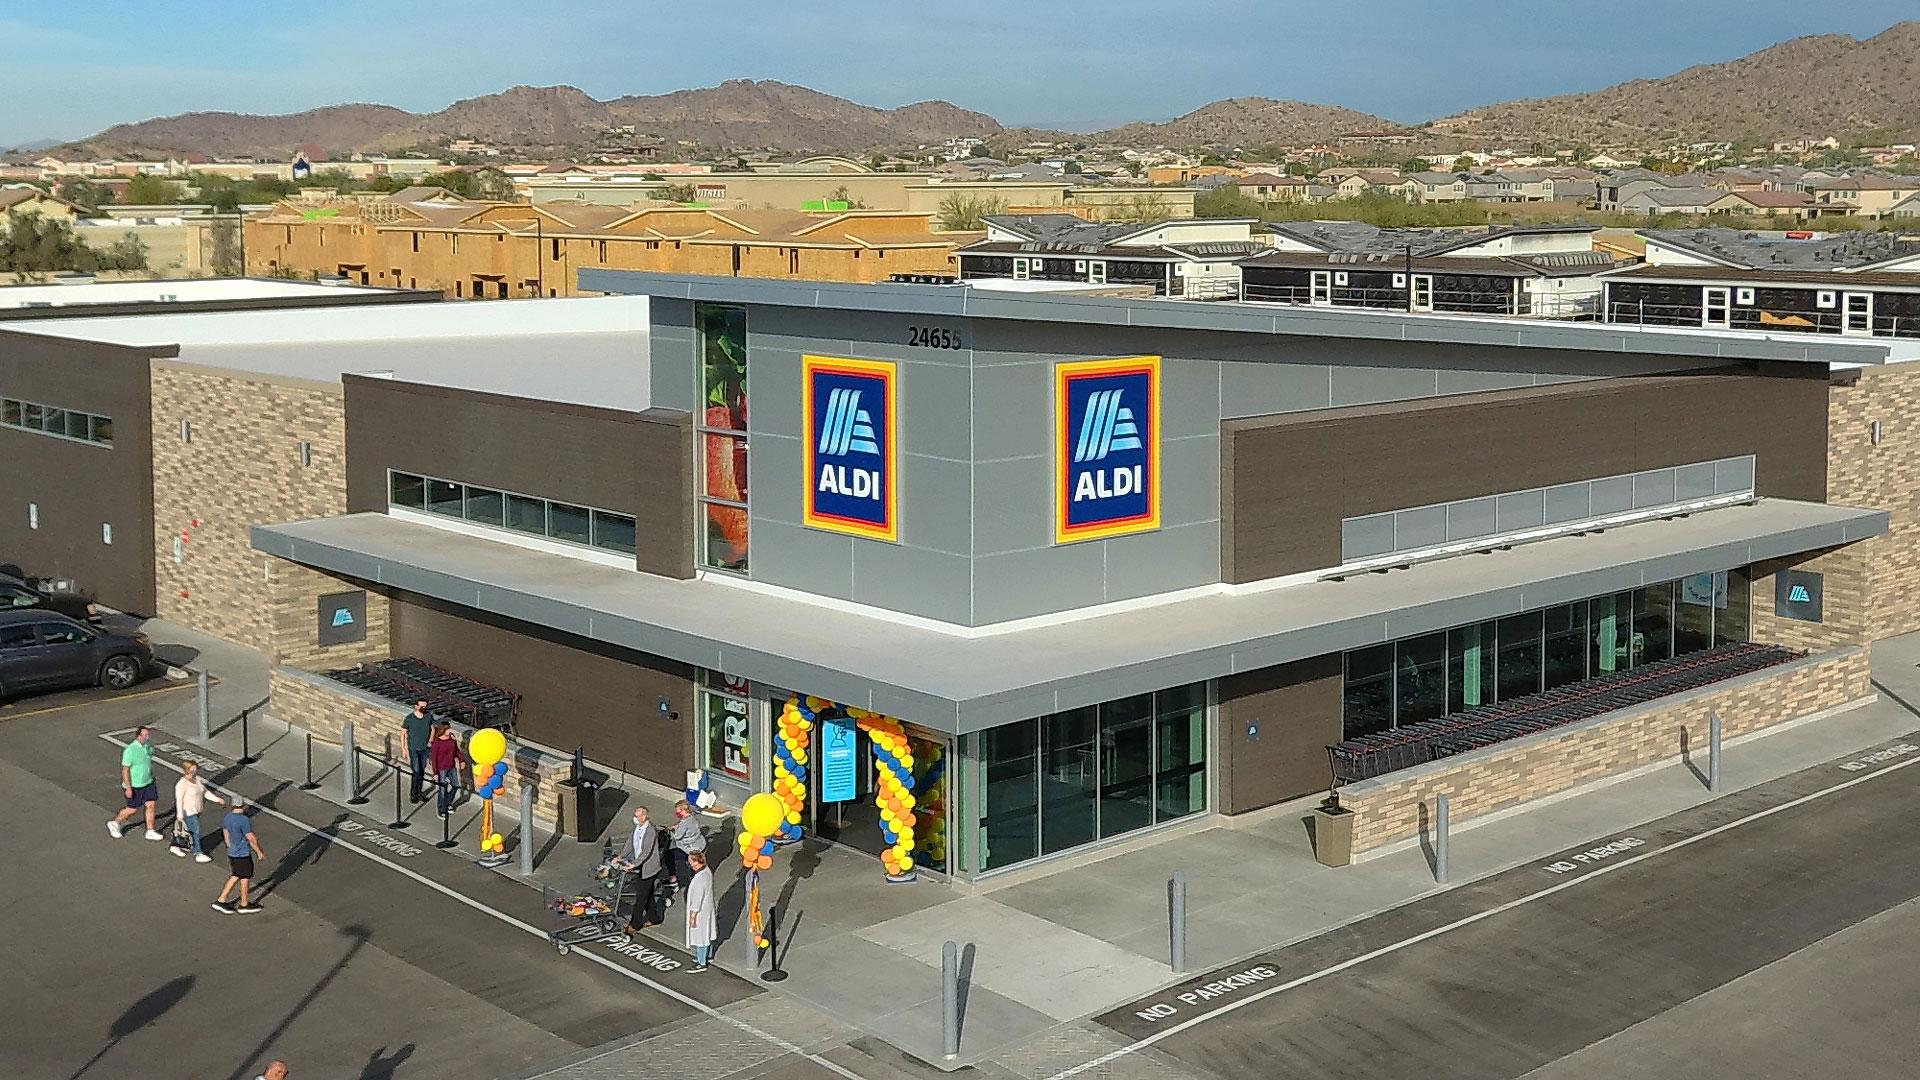 ALDI Peoria Arizona Front 2 1080p